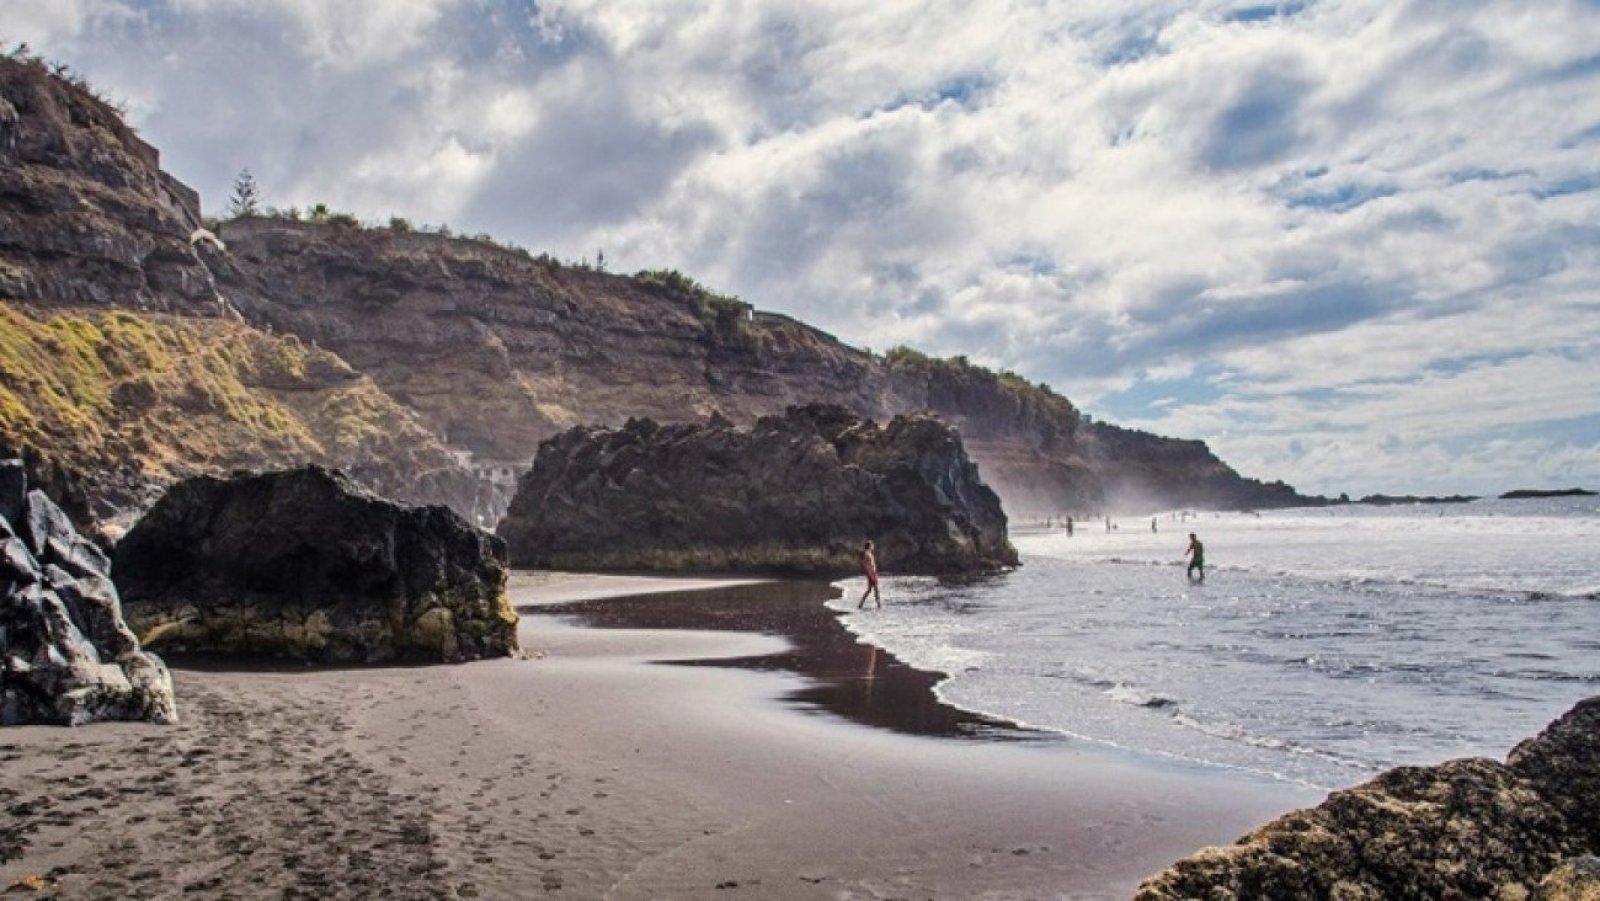 La conocida como Playa de los patos, en Tenerife.